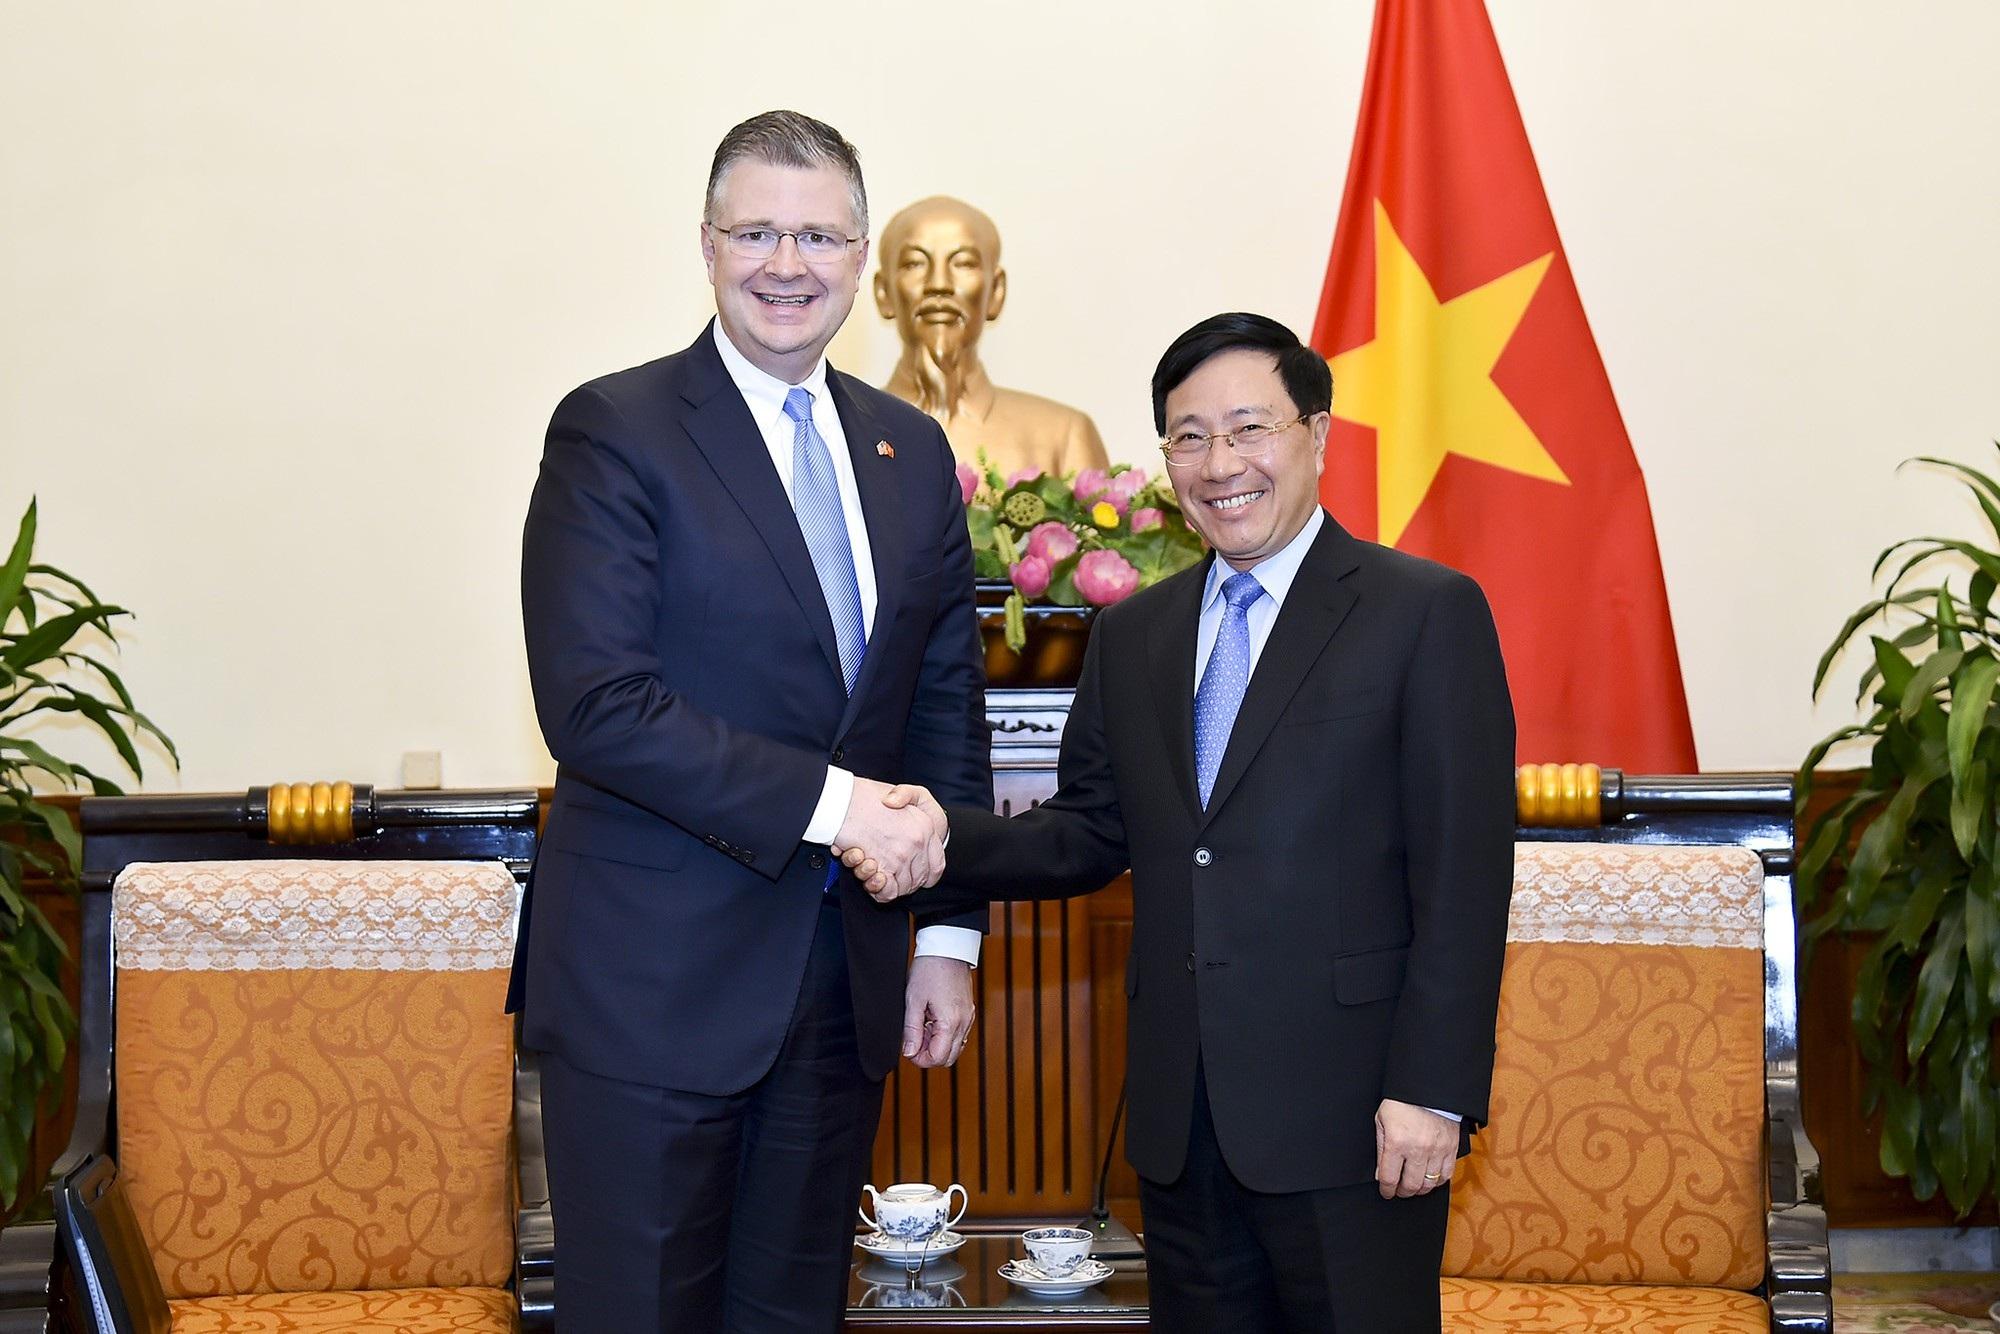 Hoa Kỳ coi Việt Nam là đối tác quan trọng hàng đầu ở khu vực - Ảnh 1.